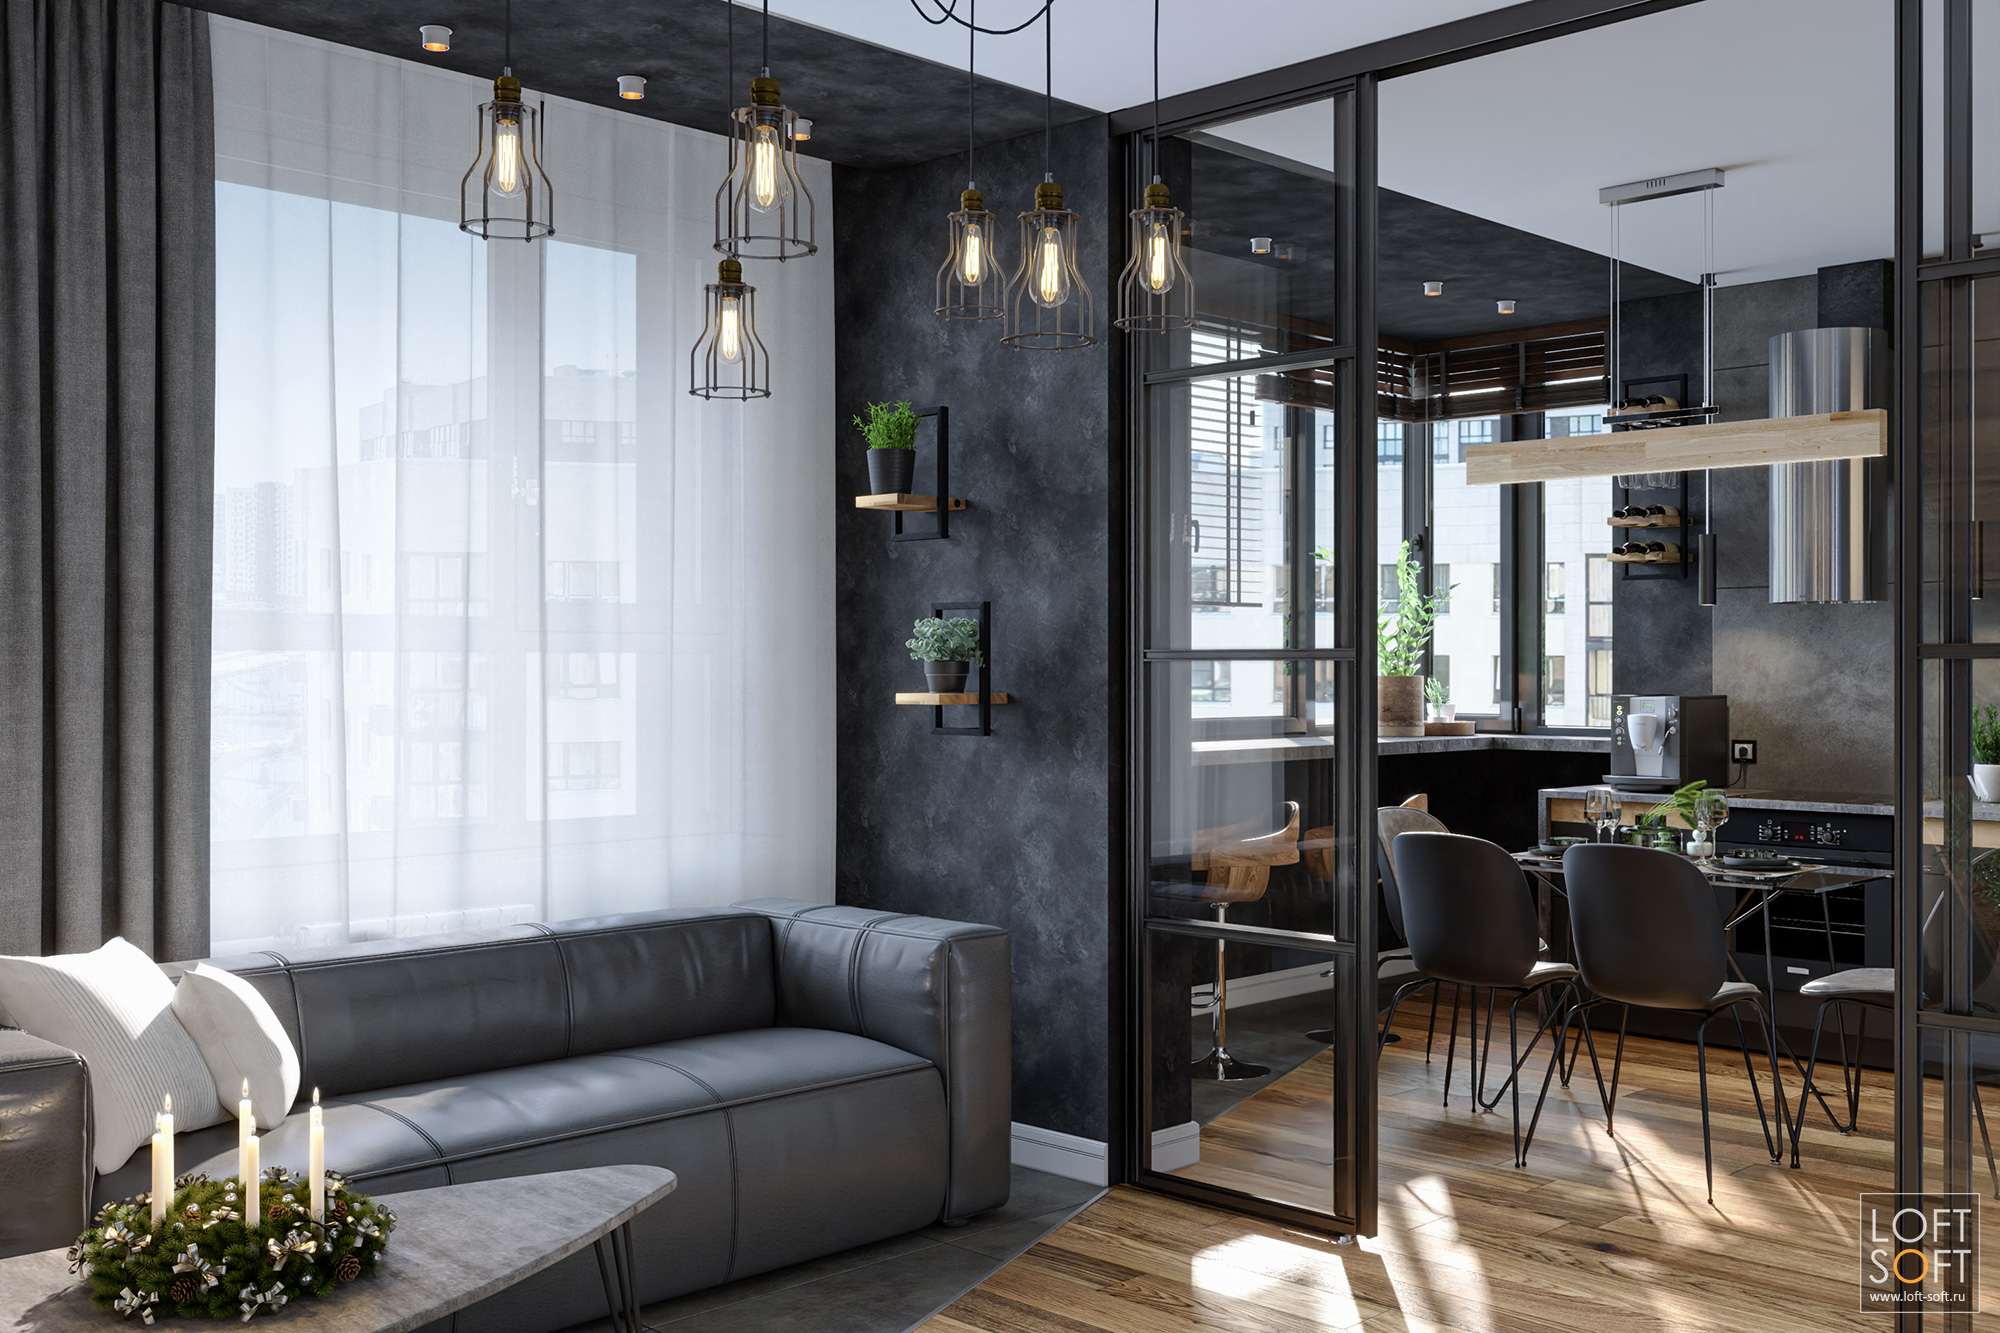 Тёмно-серый интерьер современного лофта